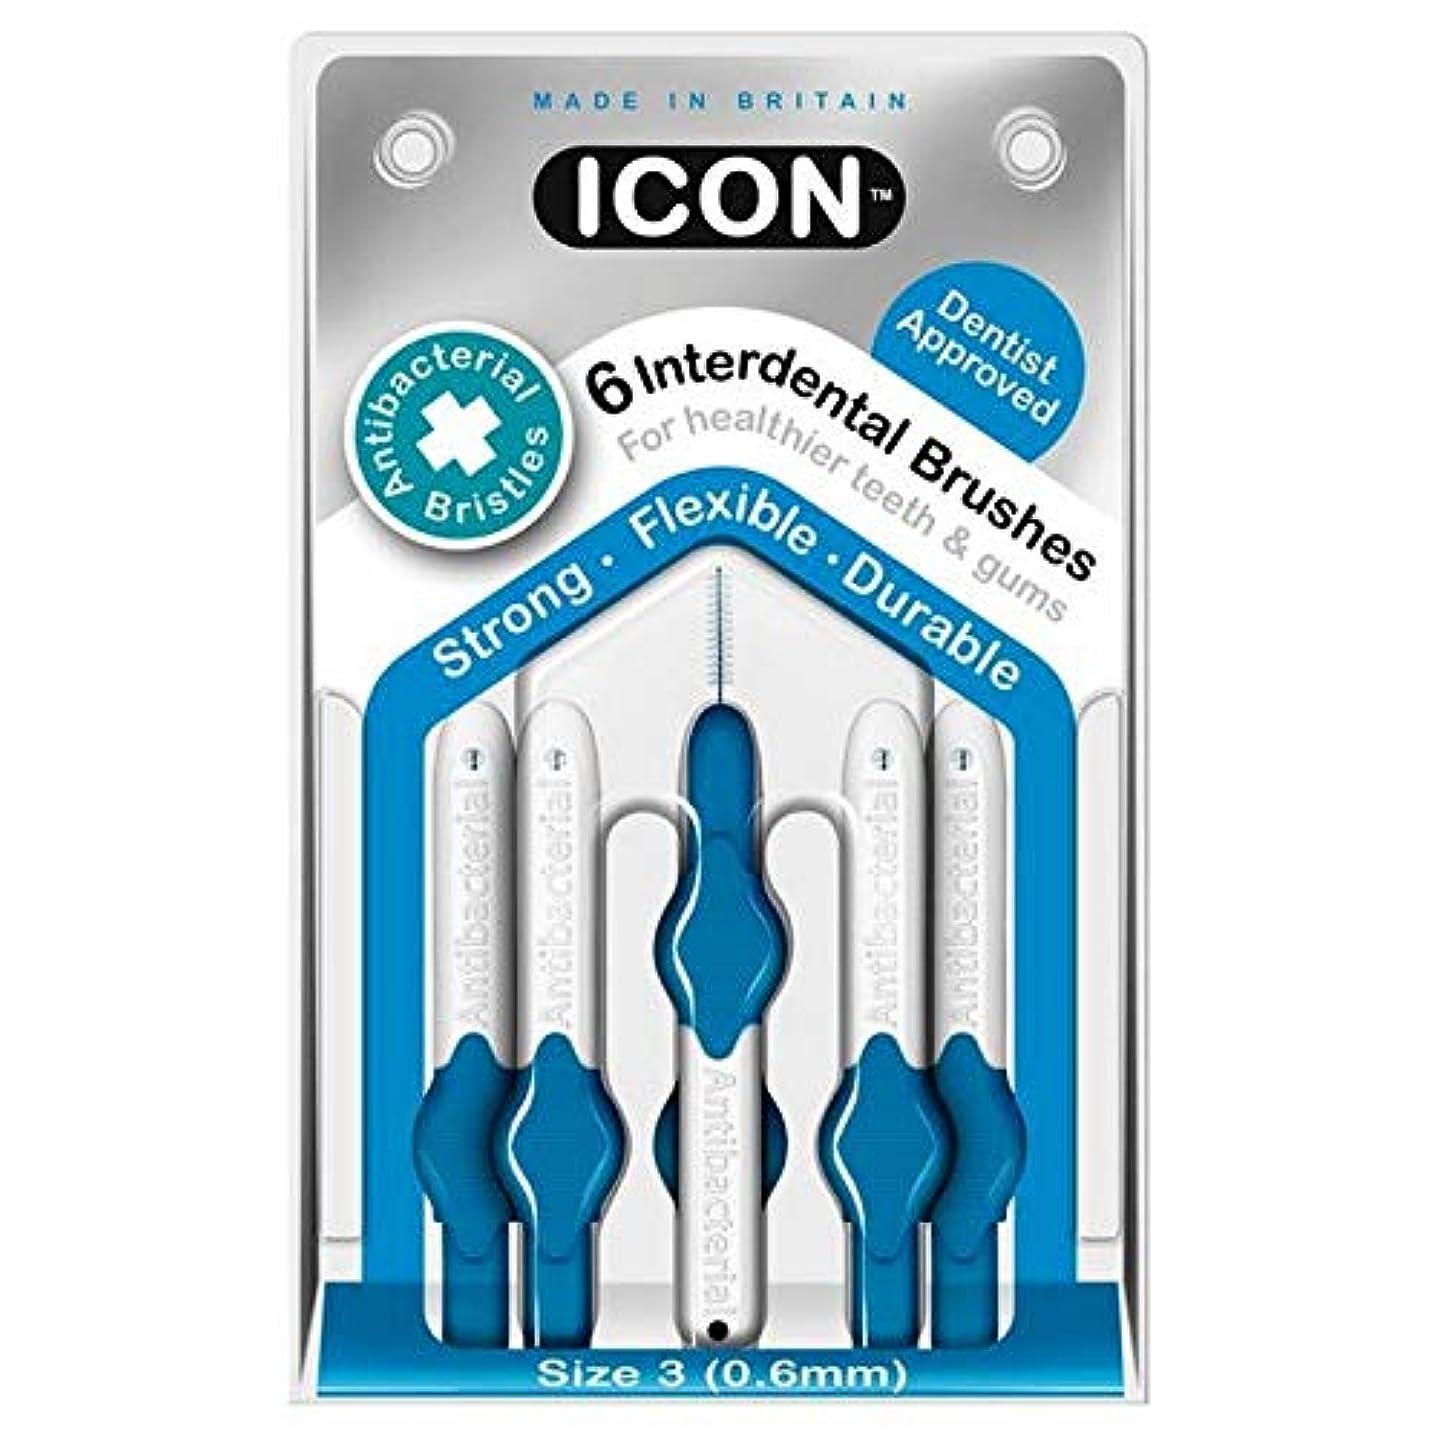 キャベツ登場前に[Icon ] アイコンの歯間には、パックあたり0.6ミリメートル6ブラシ - Icon Interdental Brushes 0.6mm 6 per pack [並行輸入品]